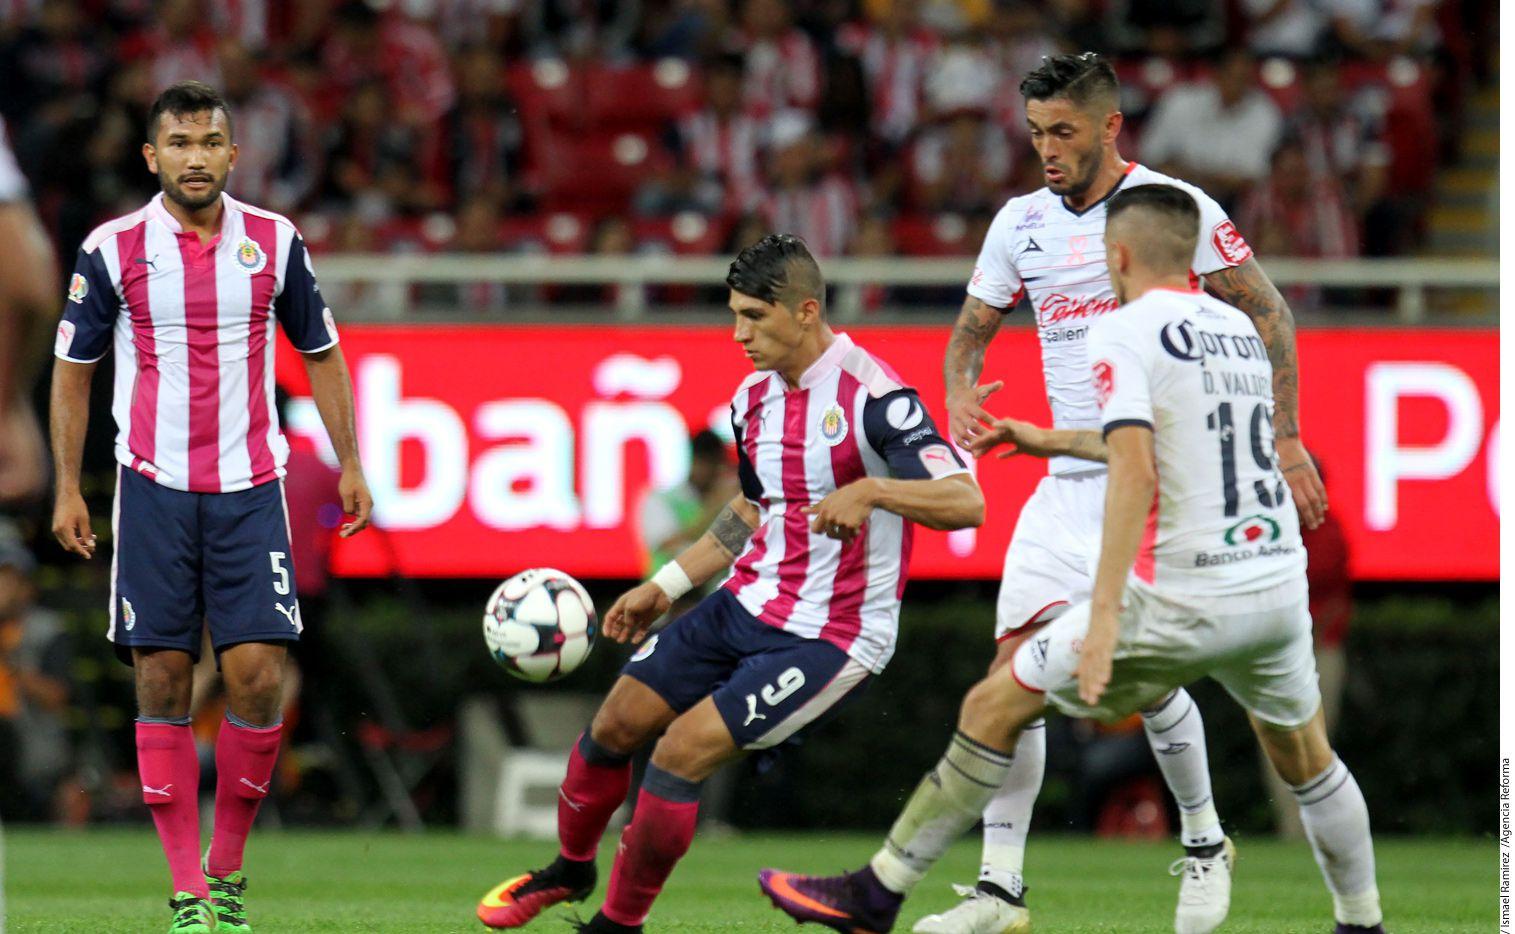 Alan Pulido y las Chivas enfrentan al Morelia en la final de la Copa MX. Foto AGENCIA REFORMA